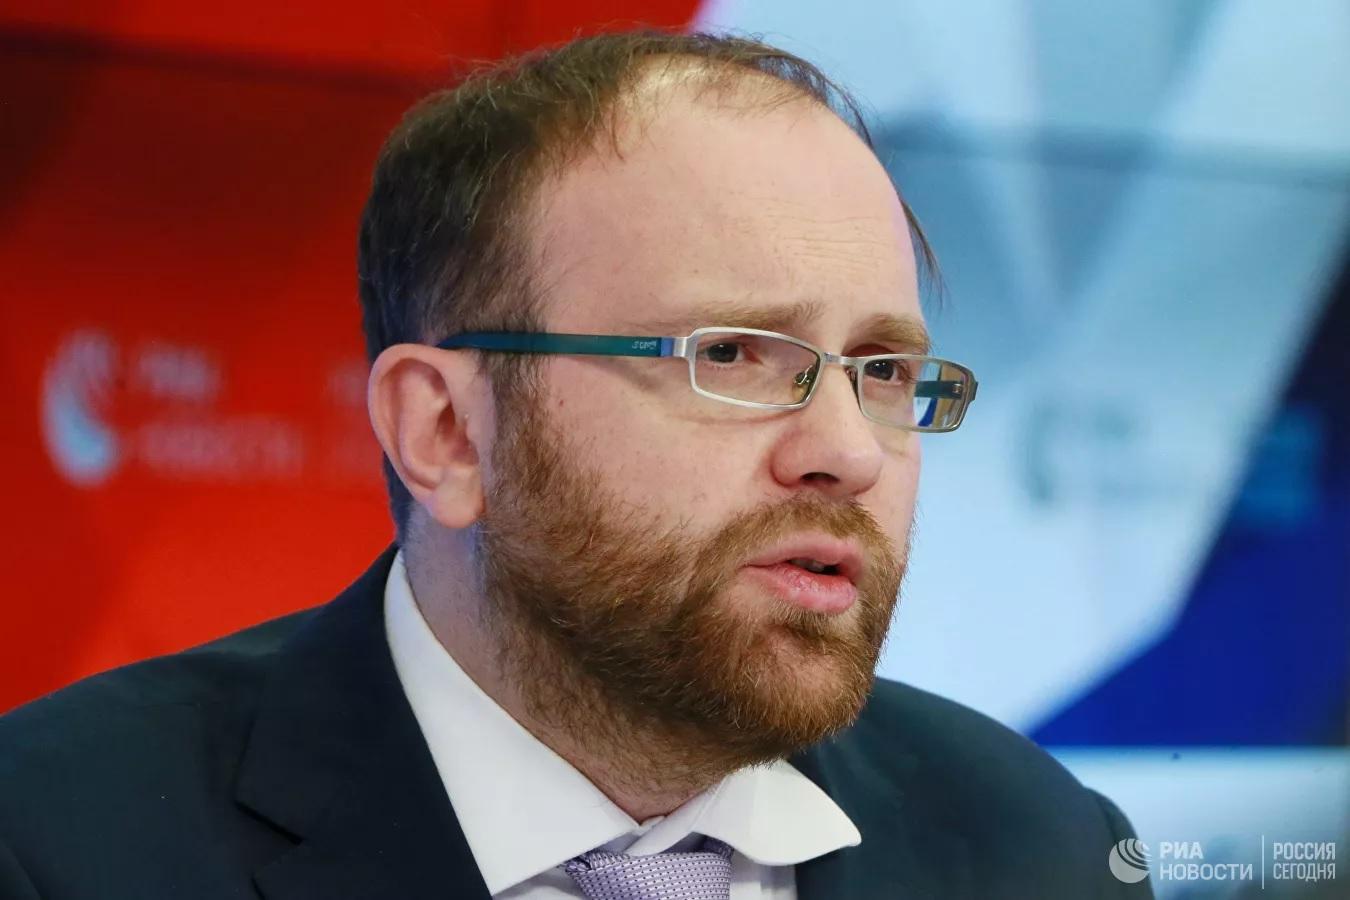 РПЦ вступится за блогера по делу о надругательстве над иконой